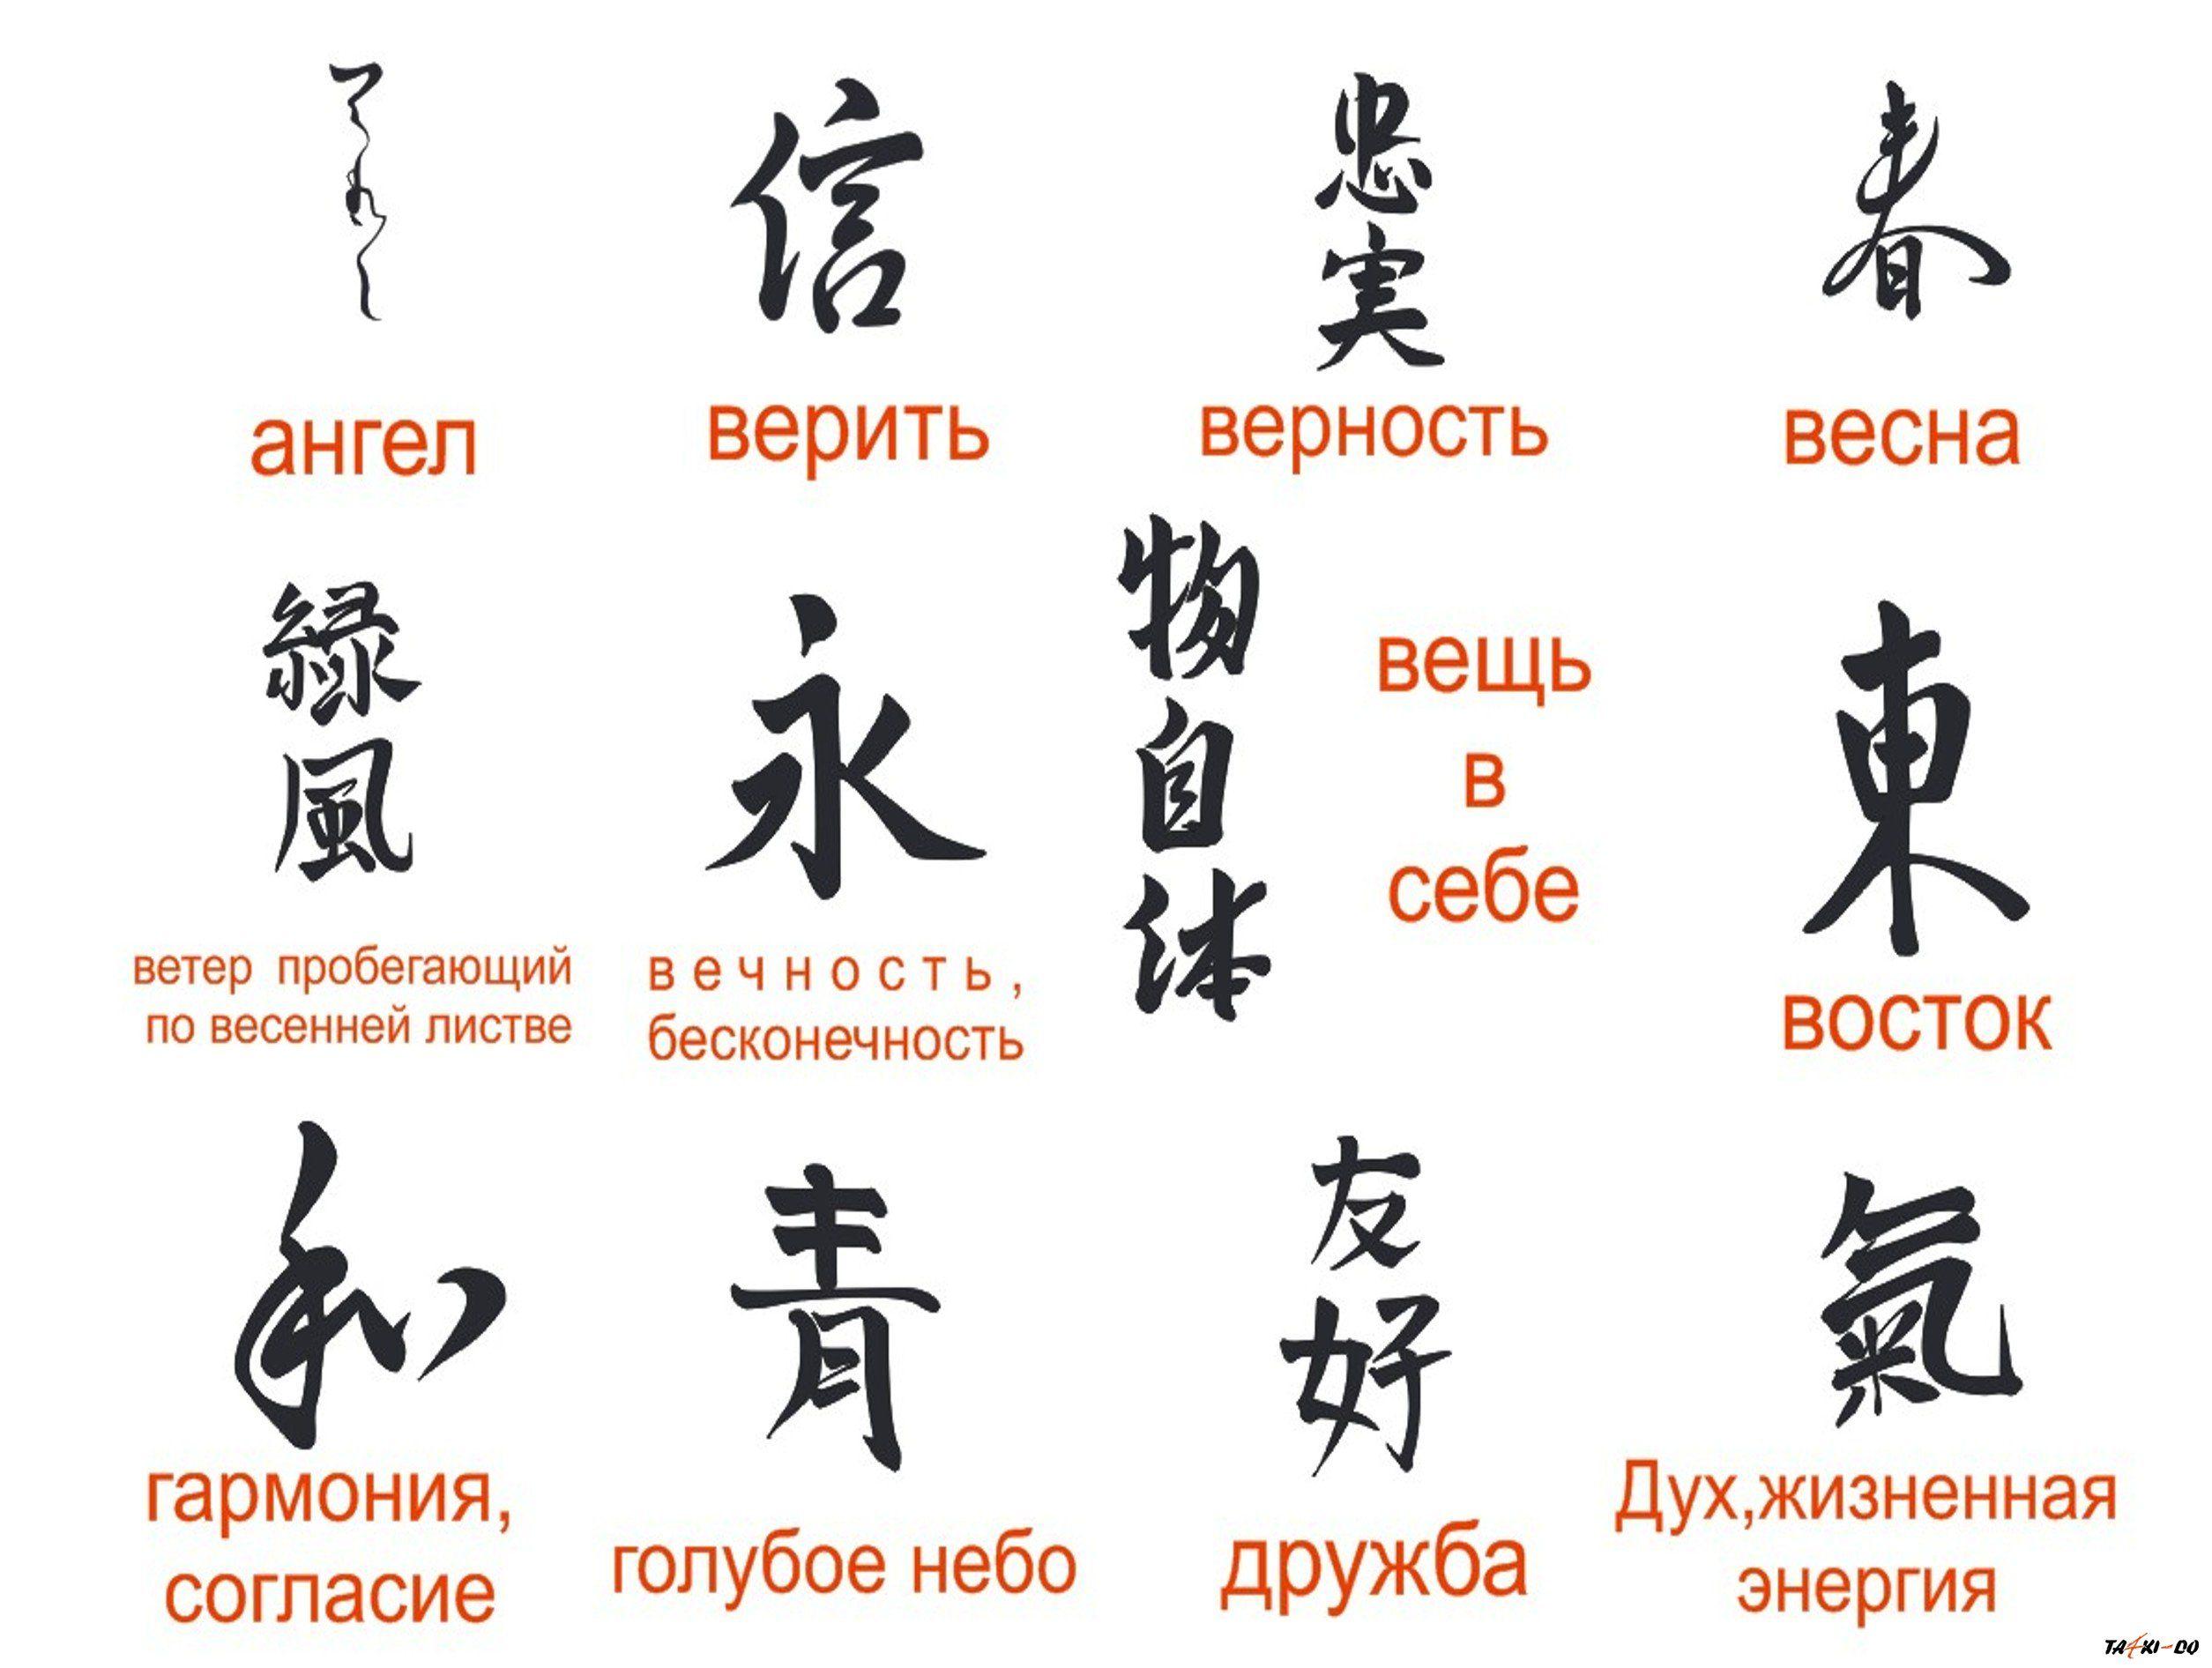 картинки с русского на китайские иероглифы есть методика подразумевает